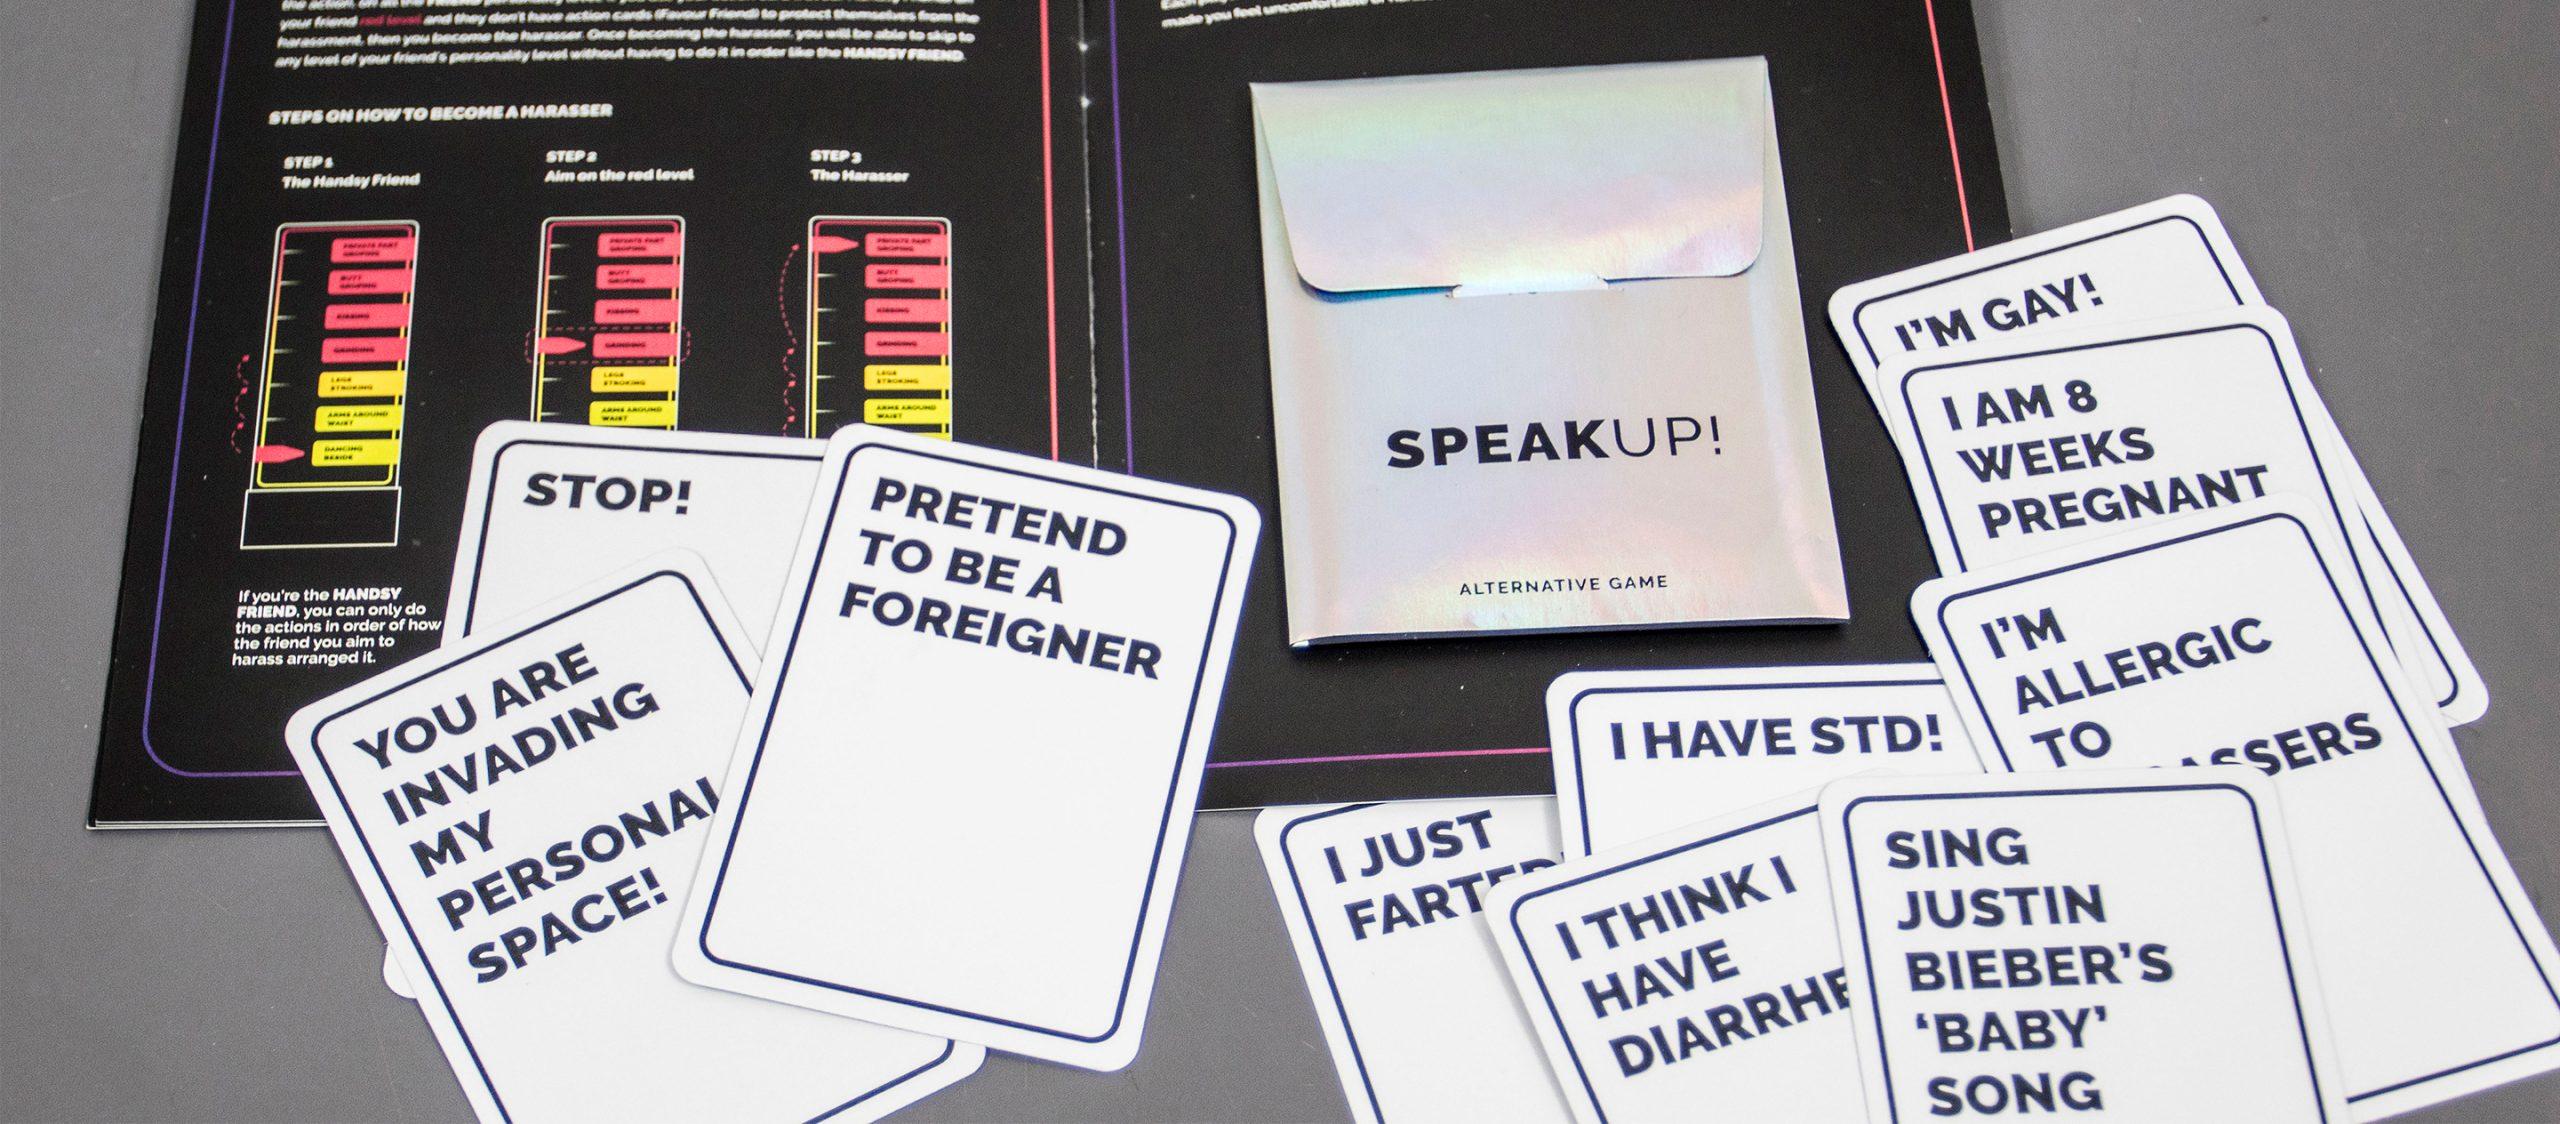 SPEAKUP! : บอร์ดเกมที่อยากให้ทุกคนกล้าพูดว่า 'หยุด!' เมื่อถูกคุกคามทางเพศ